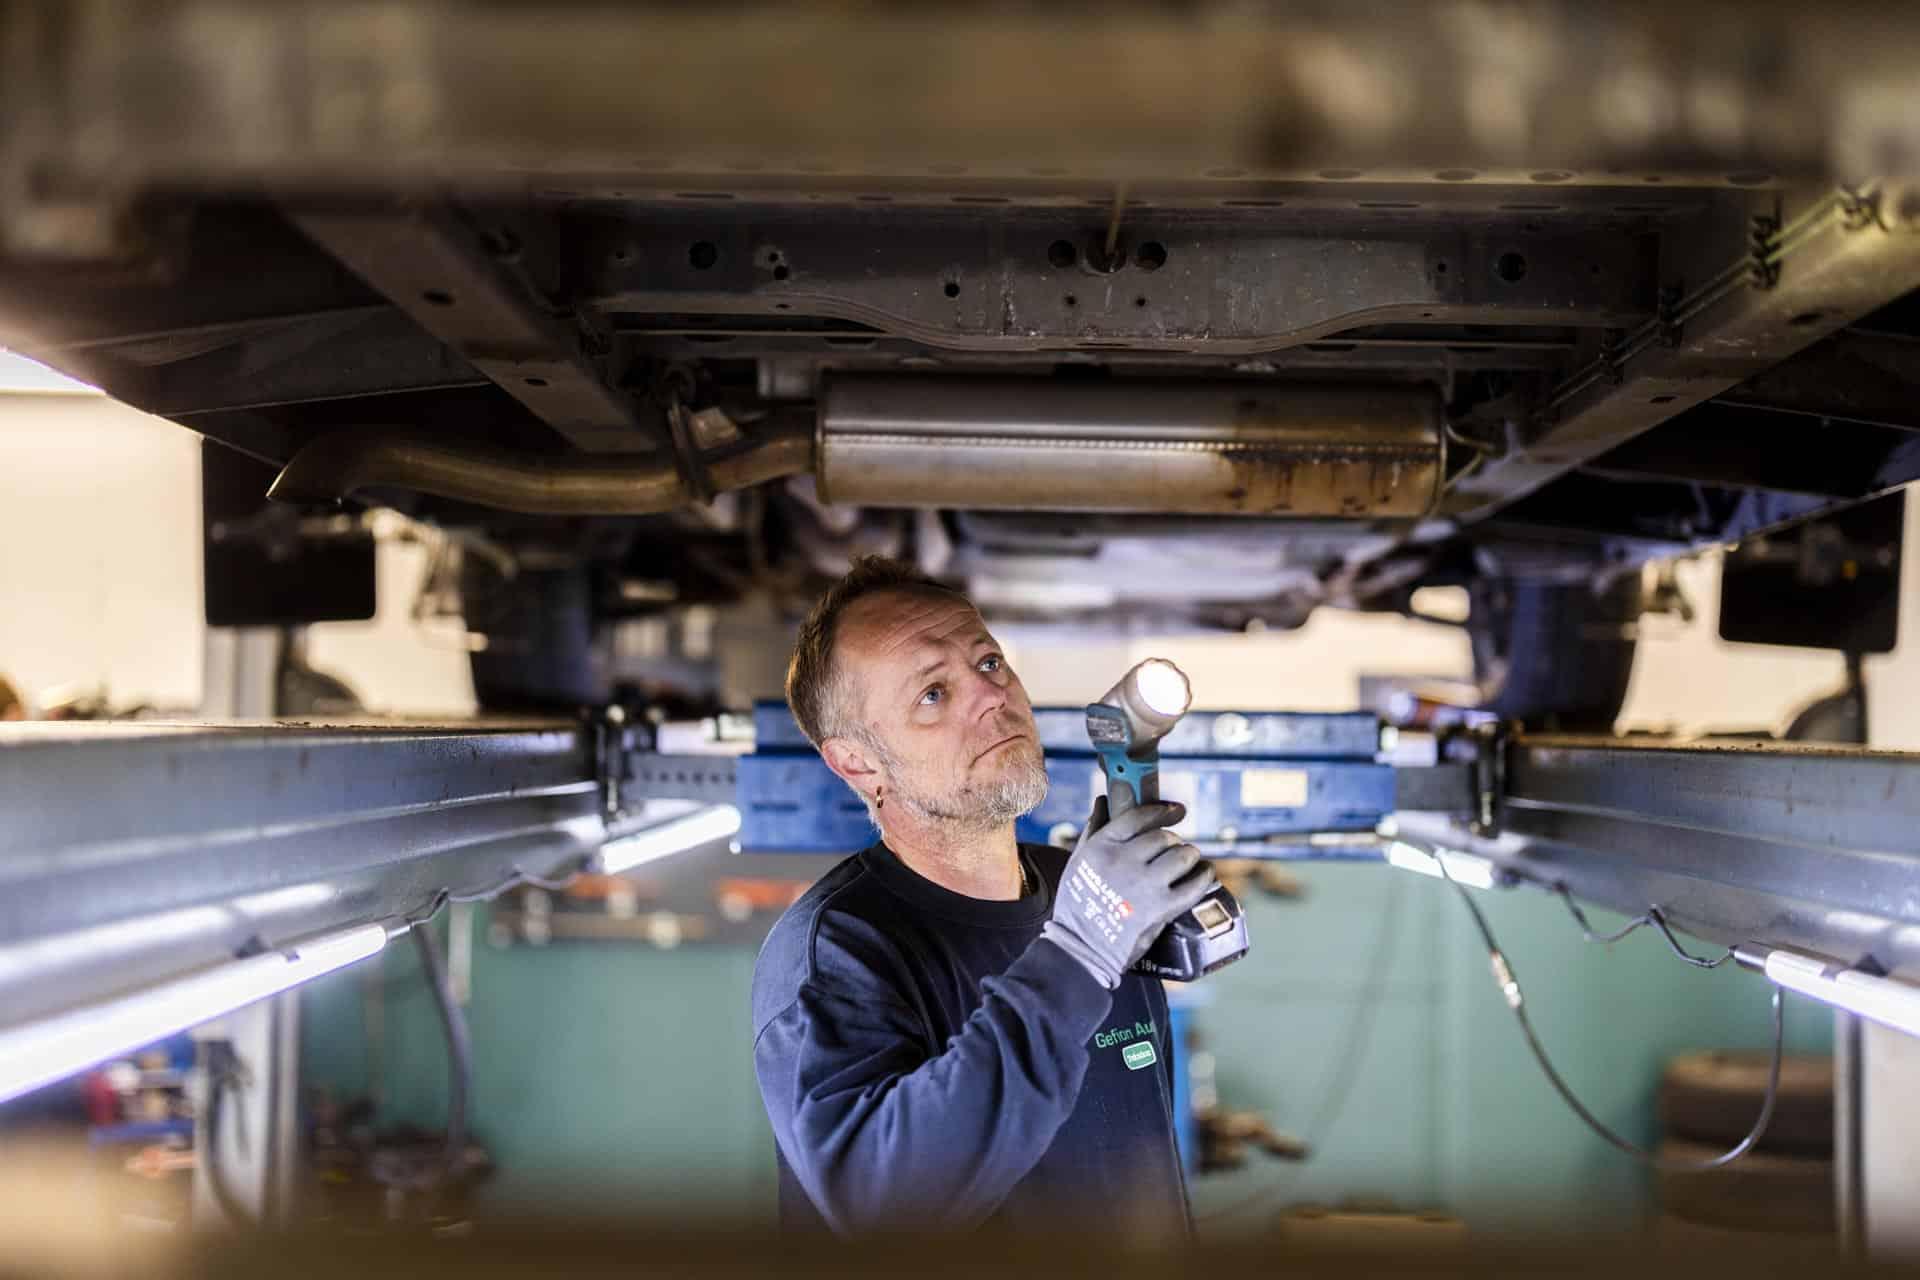 Automester i Søborg servicerer bilmotor